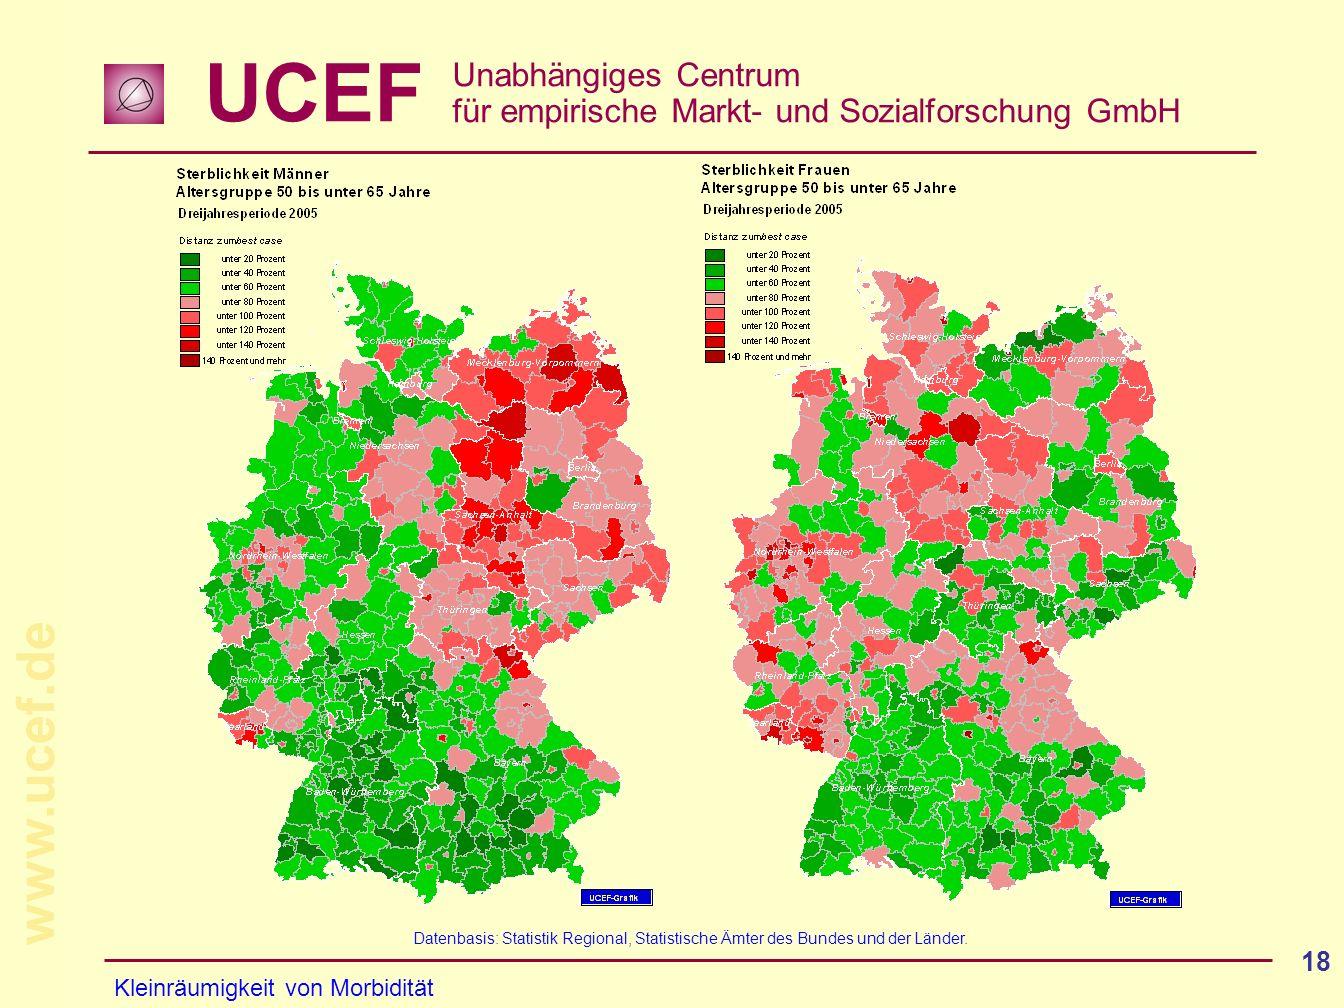 UCEF Unabhängiges Centrum für empirische Markt- und Sozialforschung GmbH www.ucef.de 18 Datenbasis: Statistik Regional, Statistische Ämter des Bundes